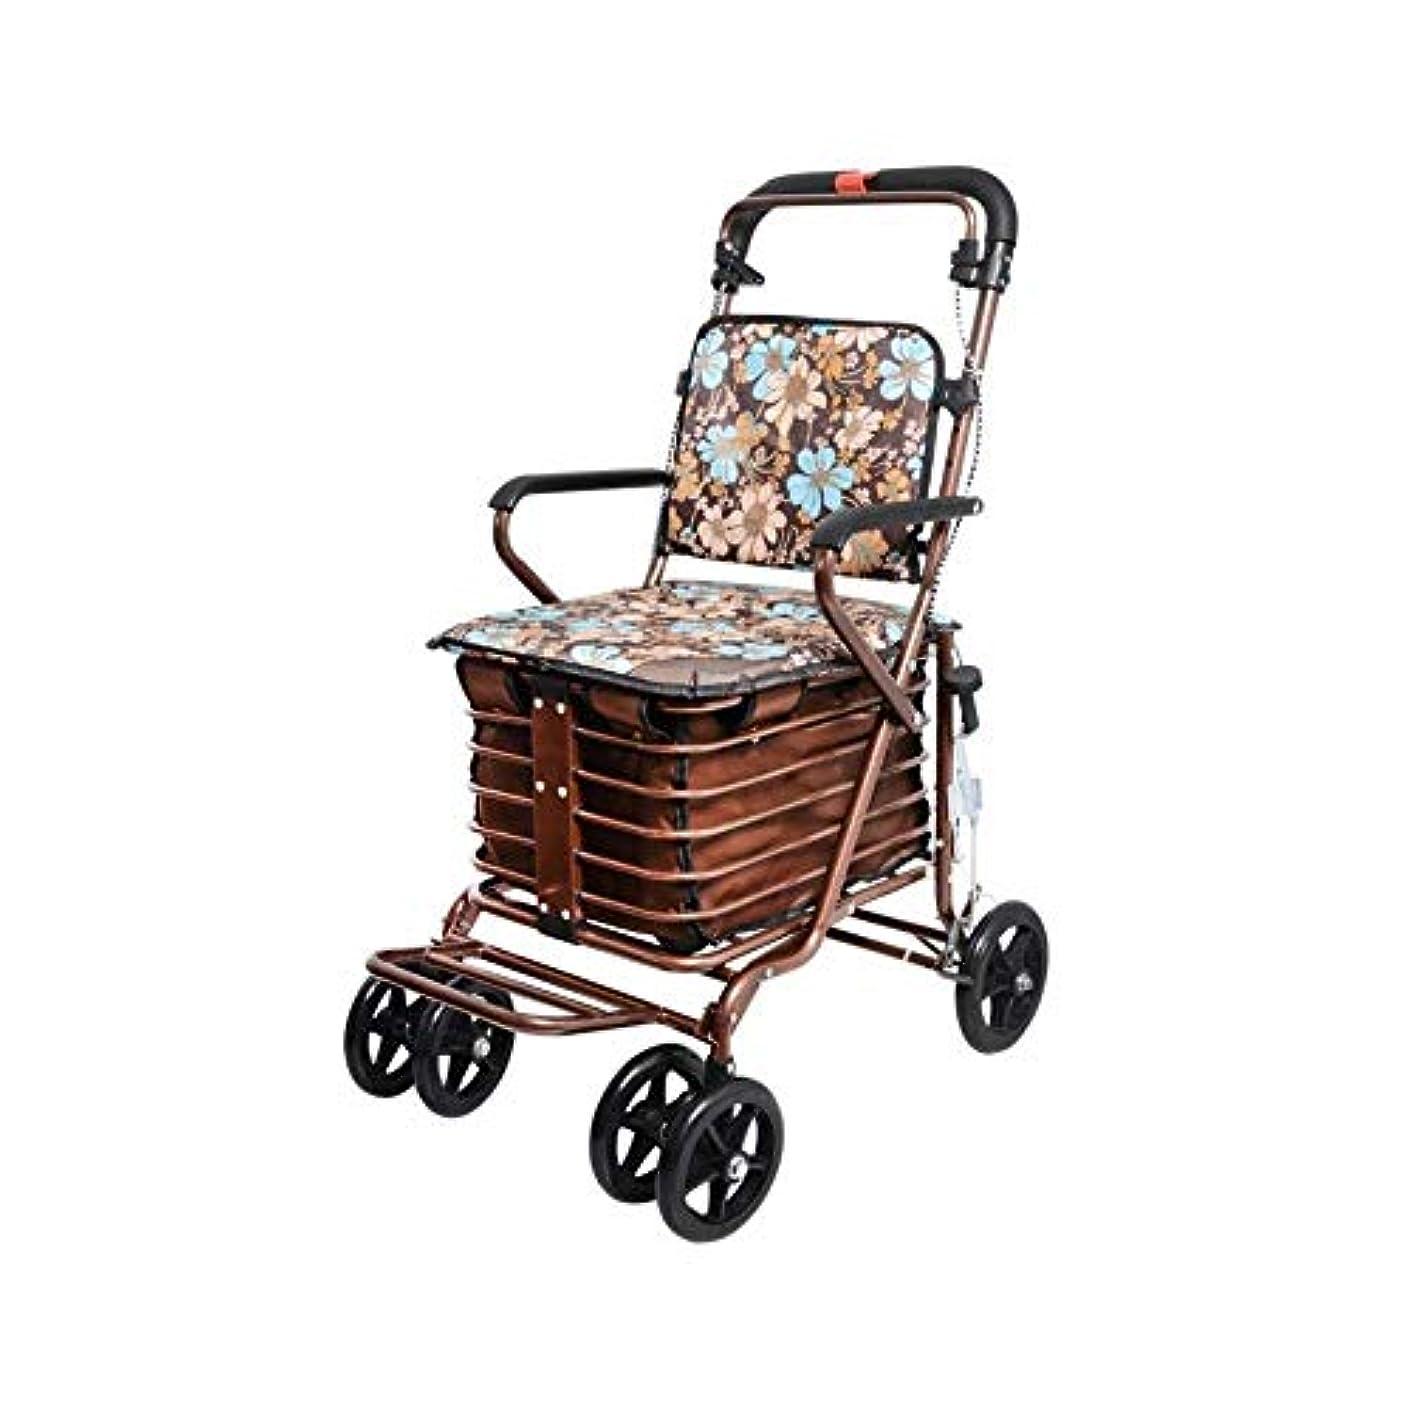 特許命令素晴らしい良い多くの軽量の高齢者の歩行者、折る携帯用歩行器の補助歩行者の4つの車輪のショッピングカートハンドブレーキが付いている頑丈な歩行者 (Color : Color1)